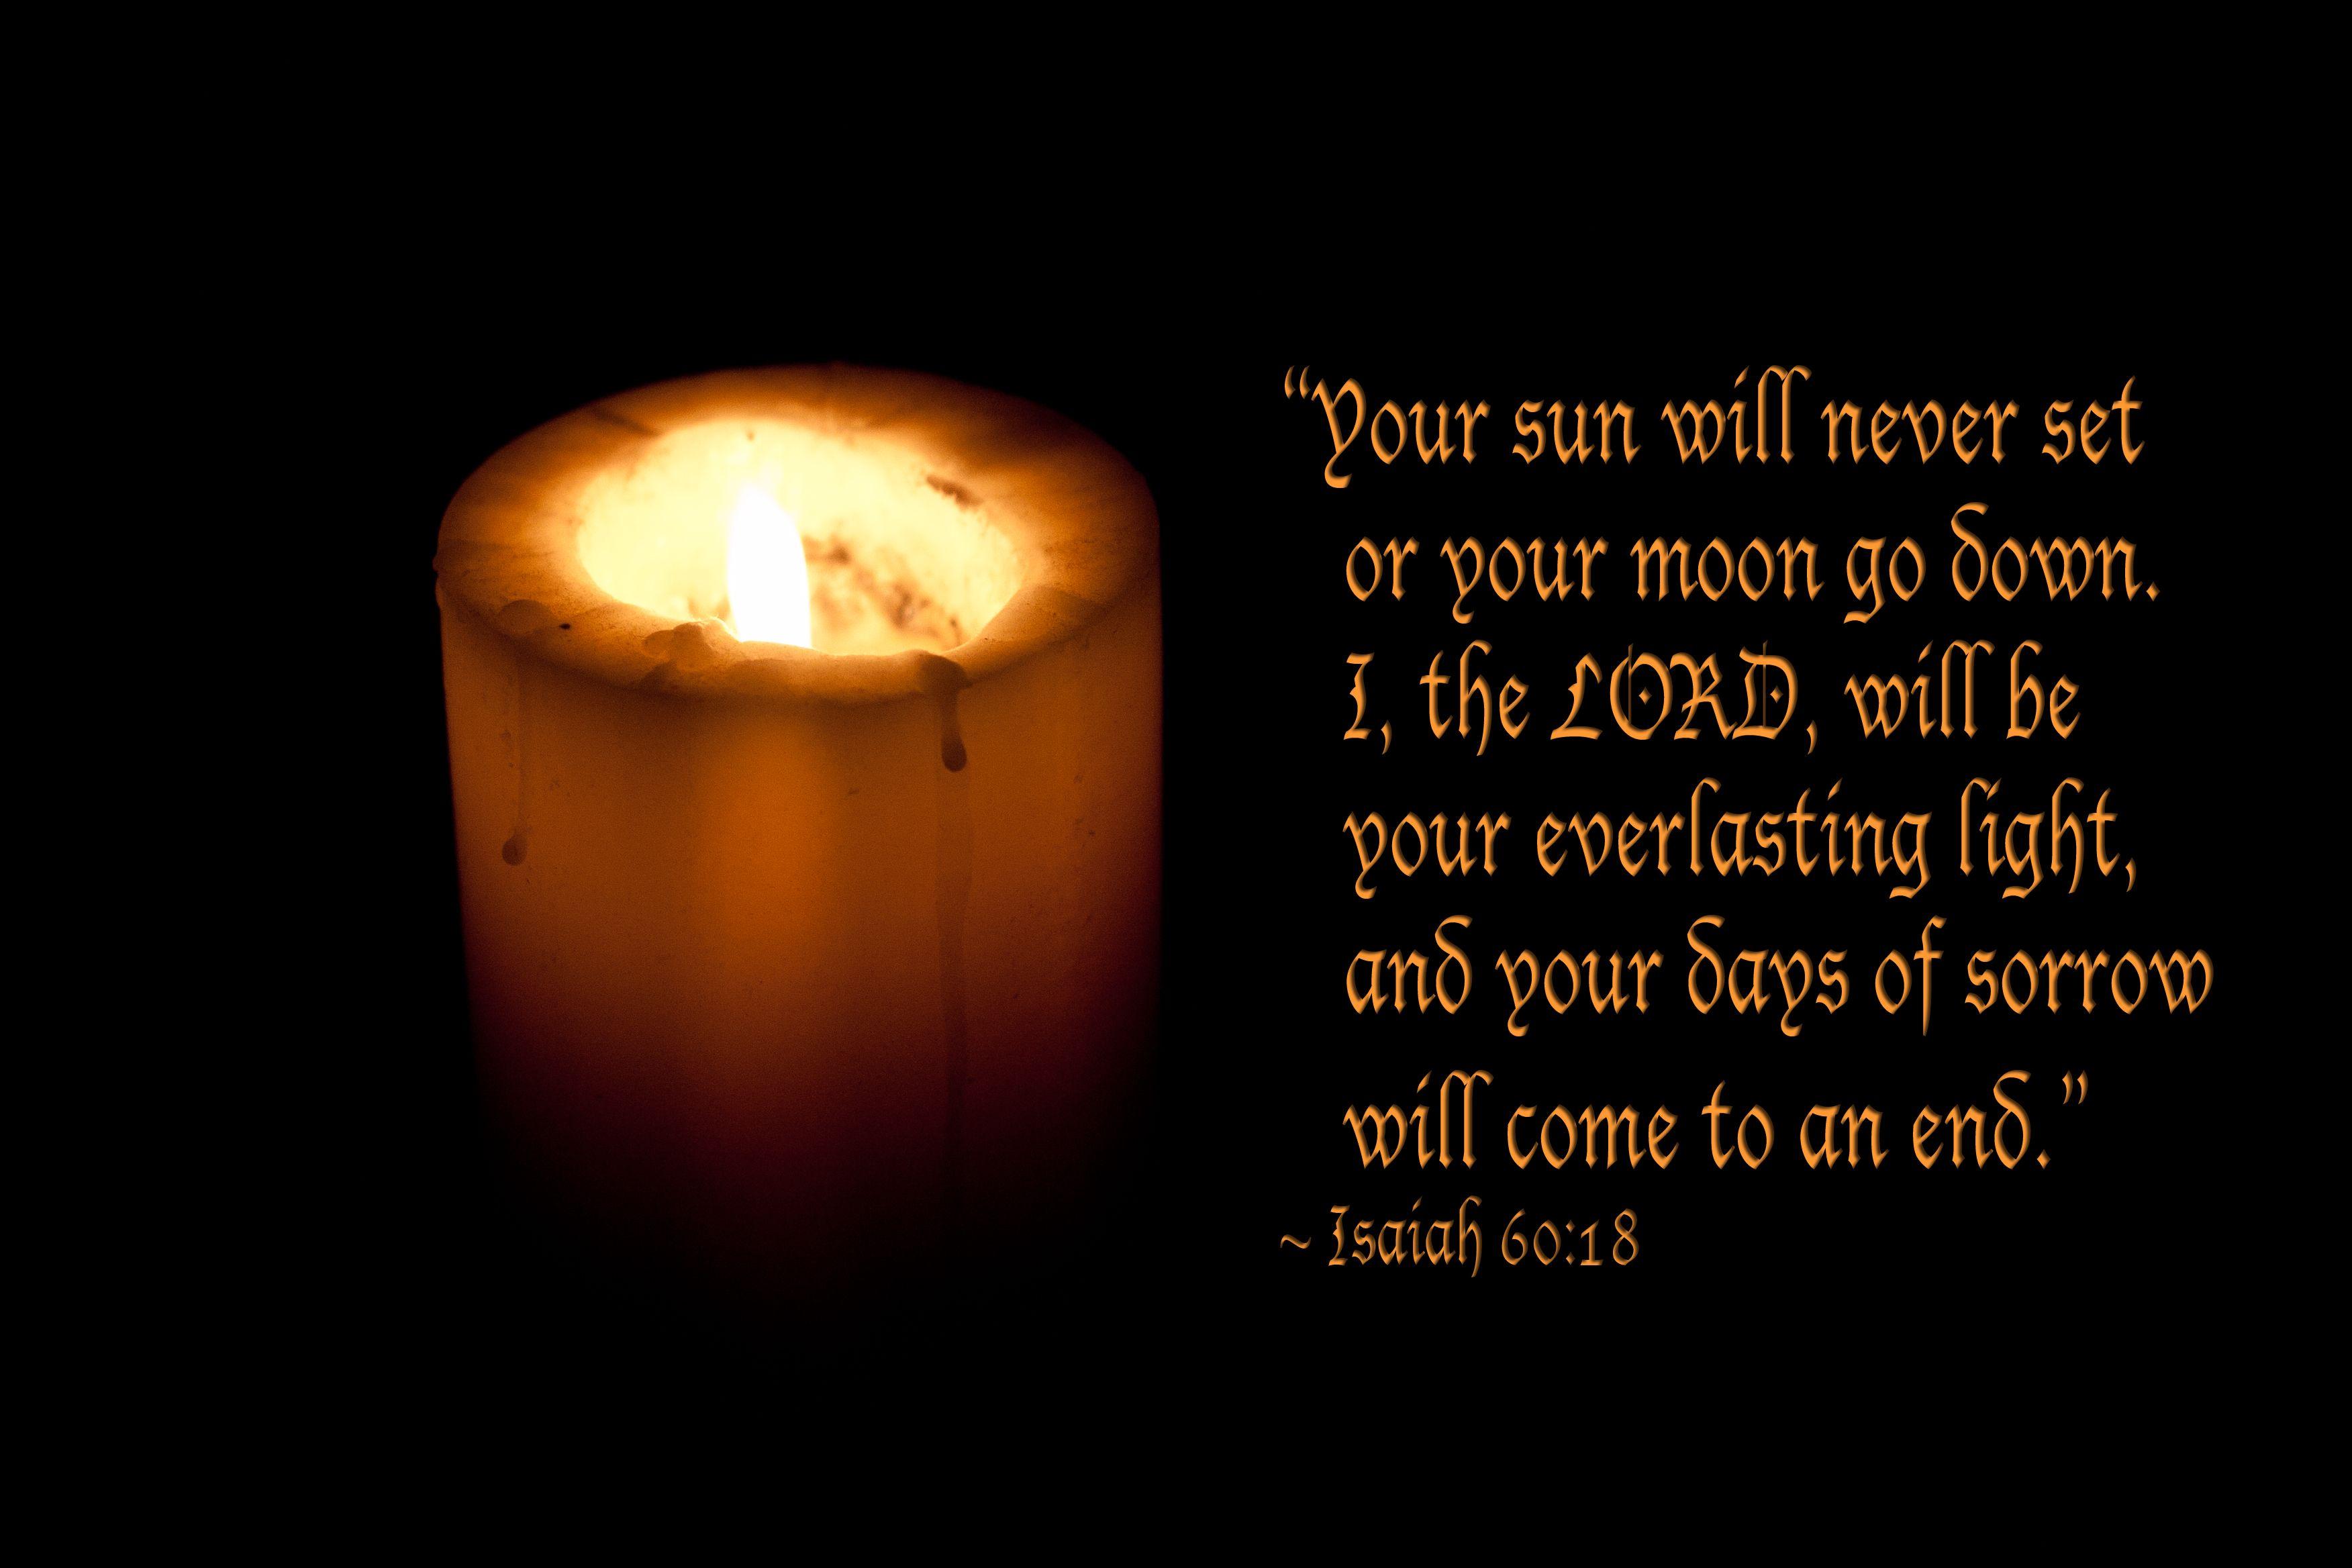 september 11 memorial September 11 Memorial Prayer